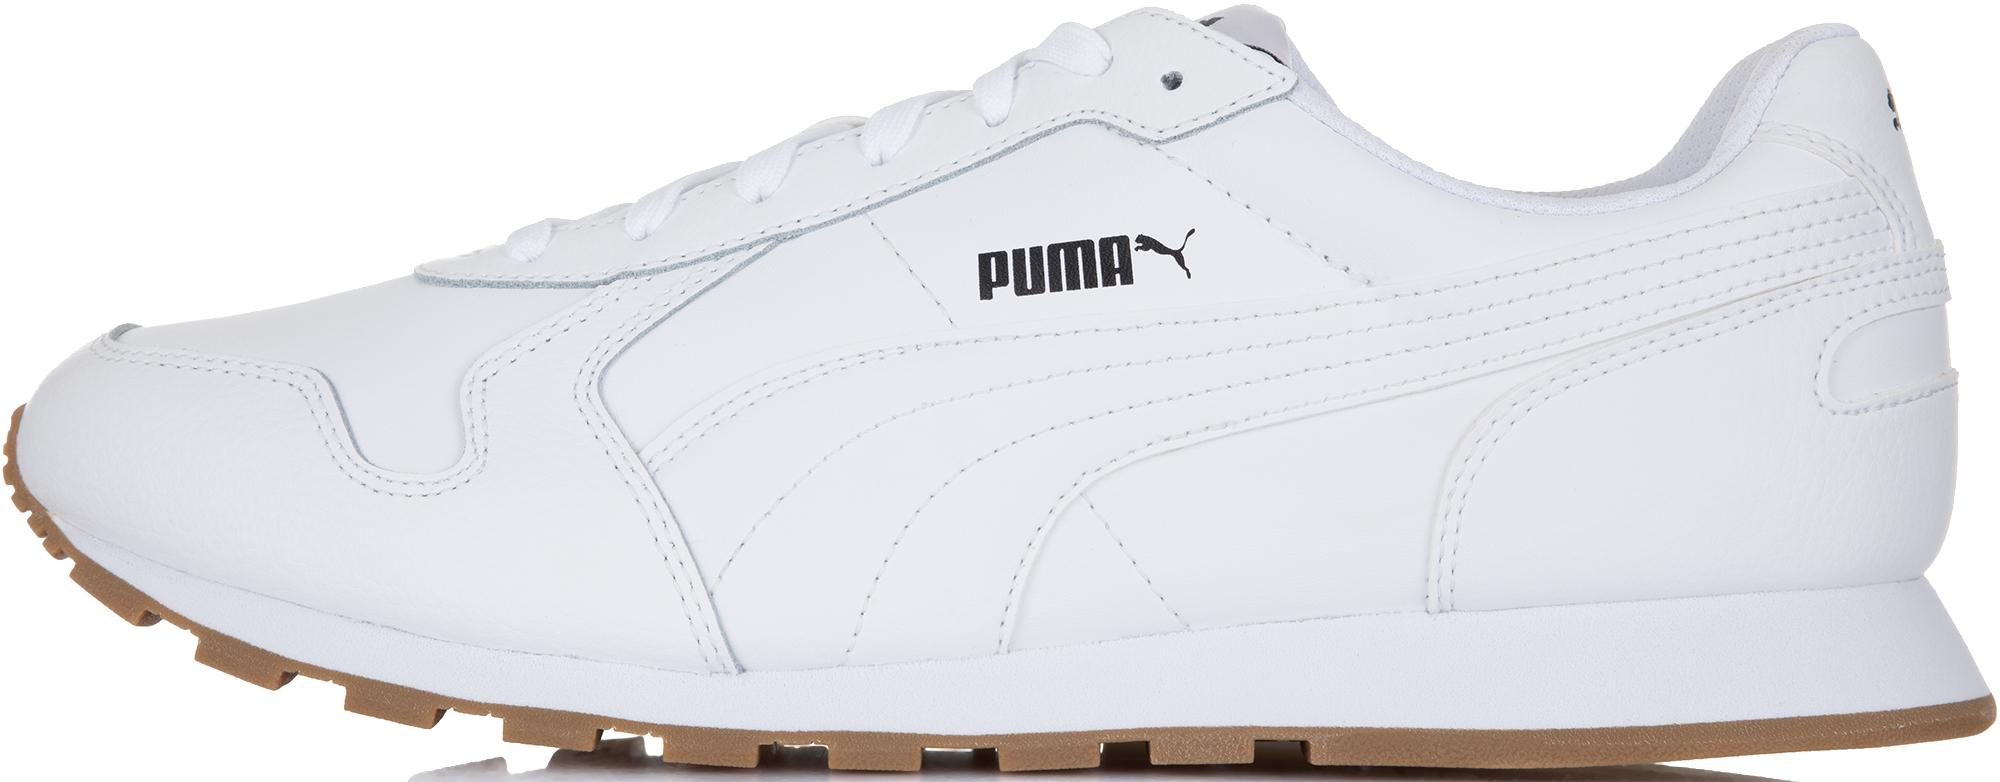 Puma Кроссовки мужские  ST Runner Full, размер 45